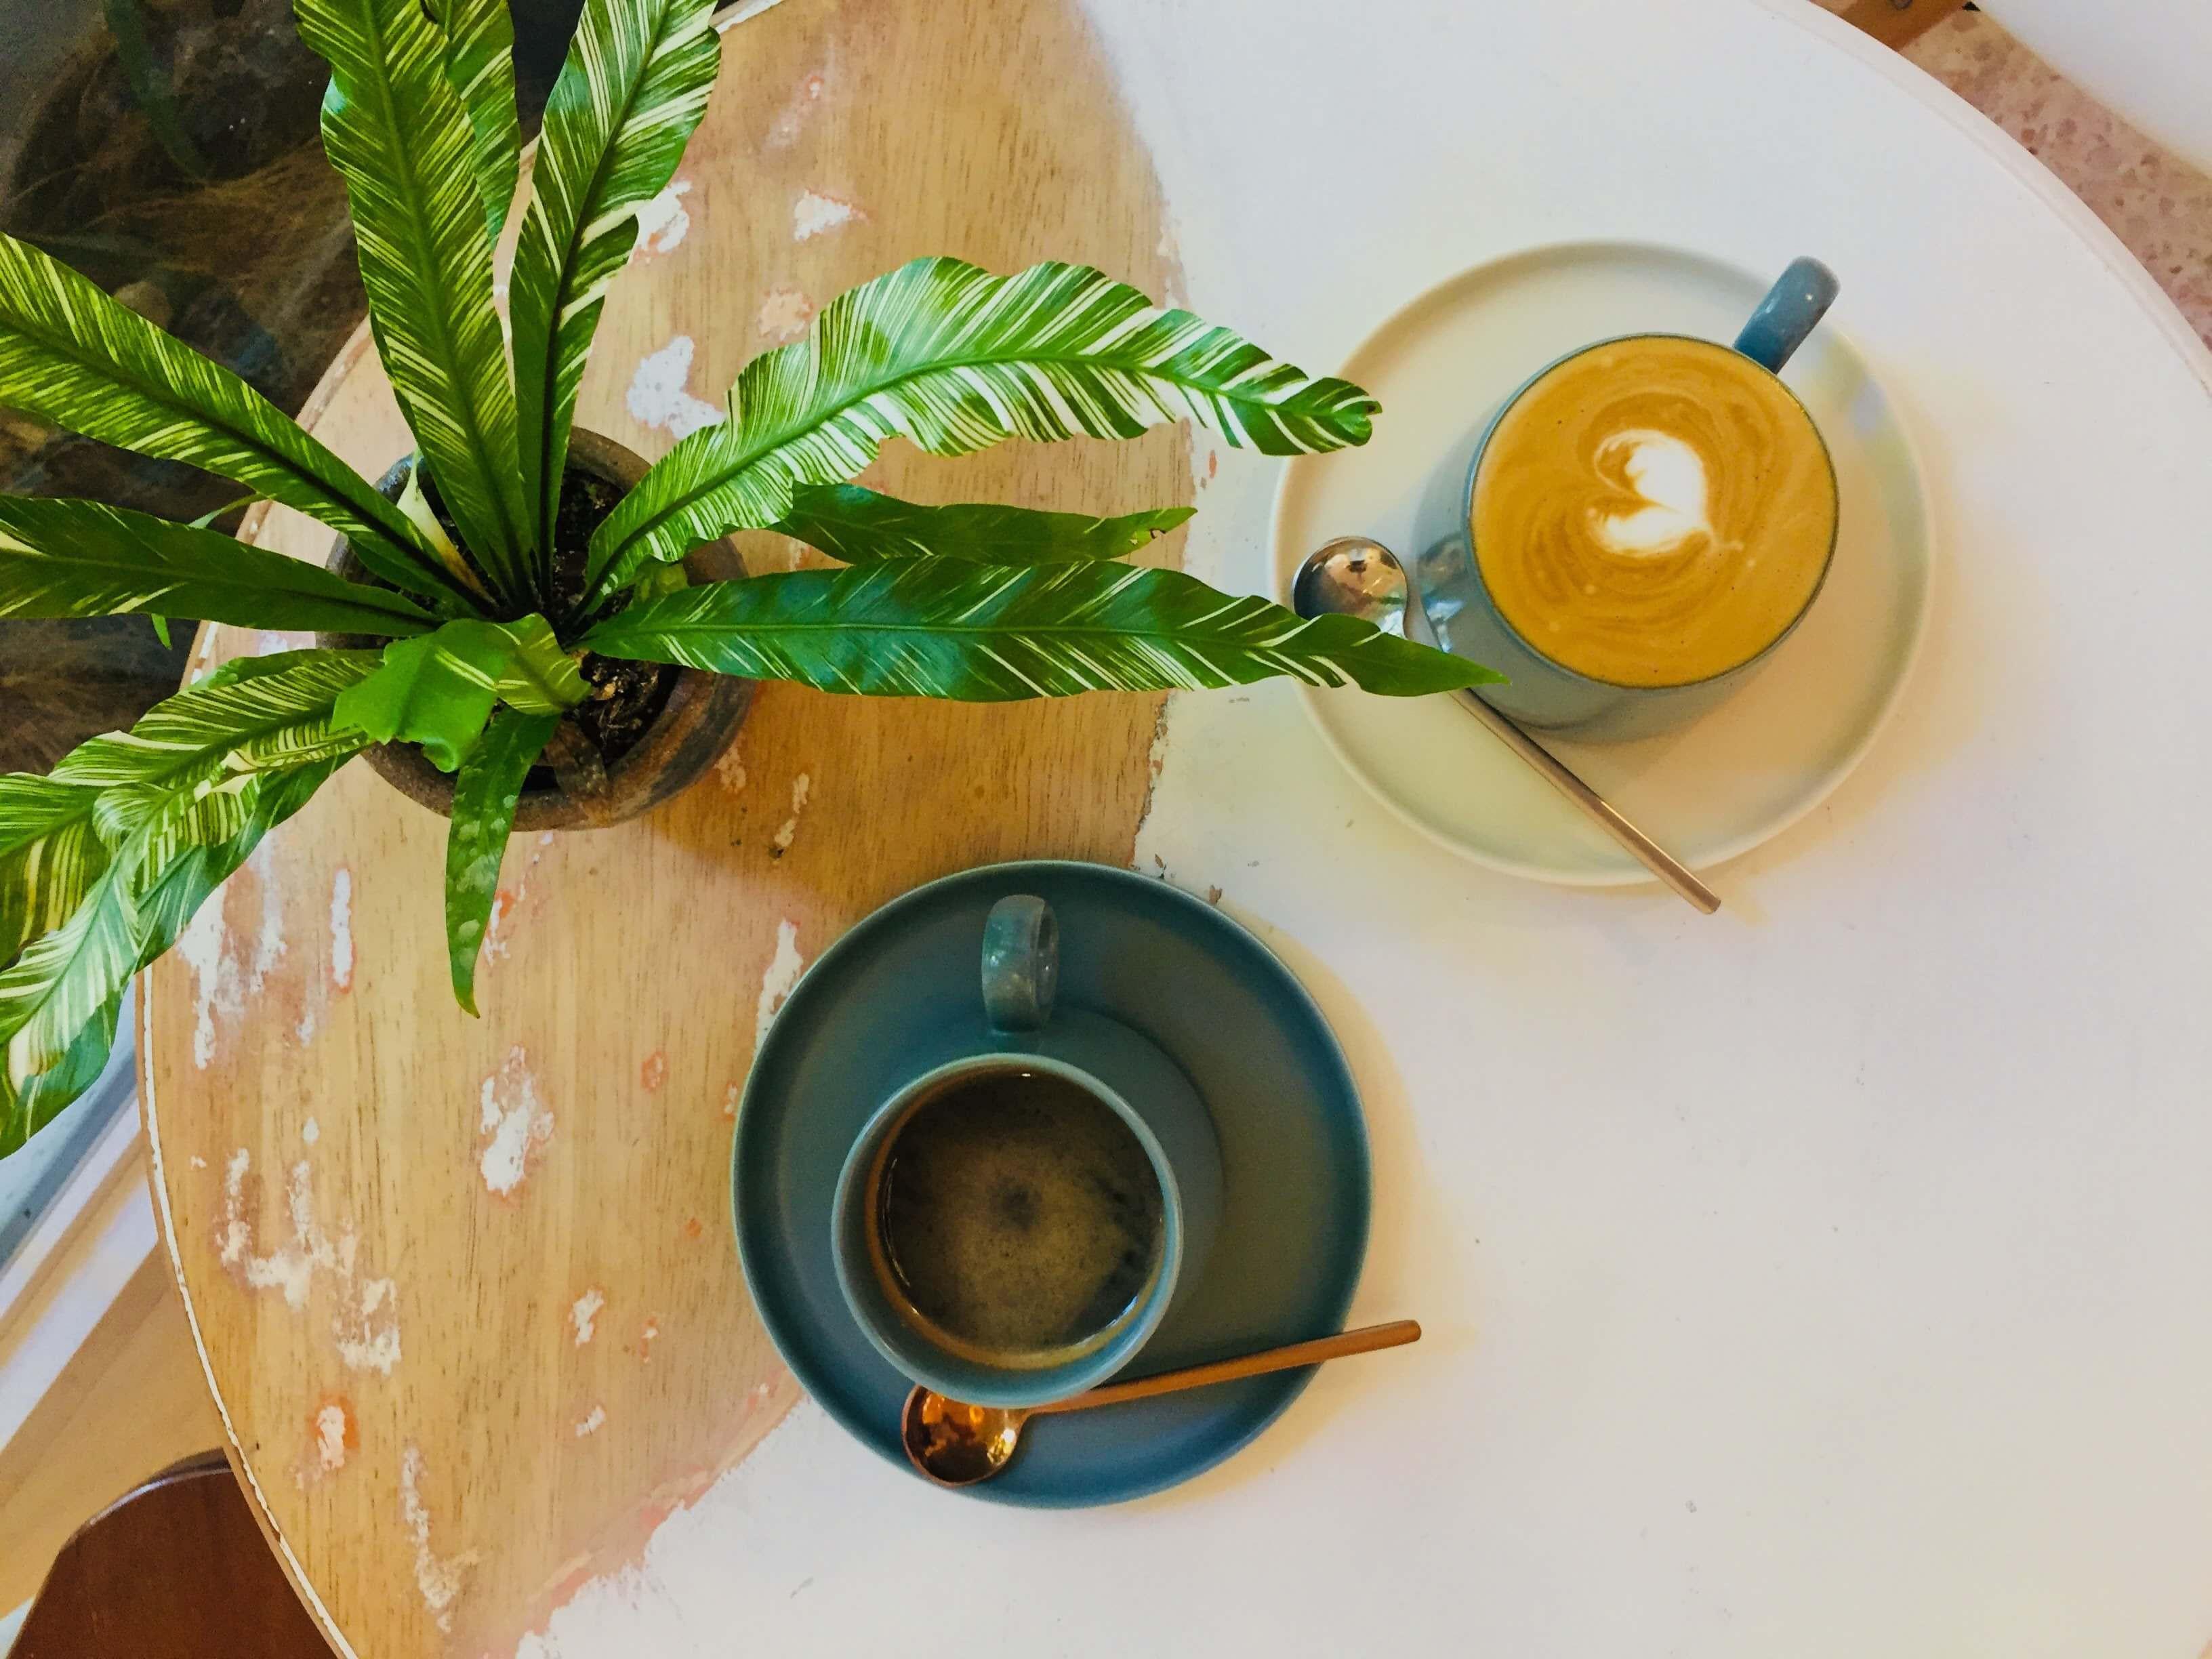 【 檳城咖啡店推薦 】別再喝檳城白咖啡了! 盤點來到檳城絕不能錯過的小眾文青咖啡廳!